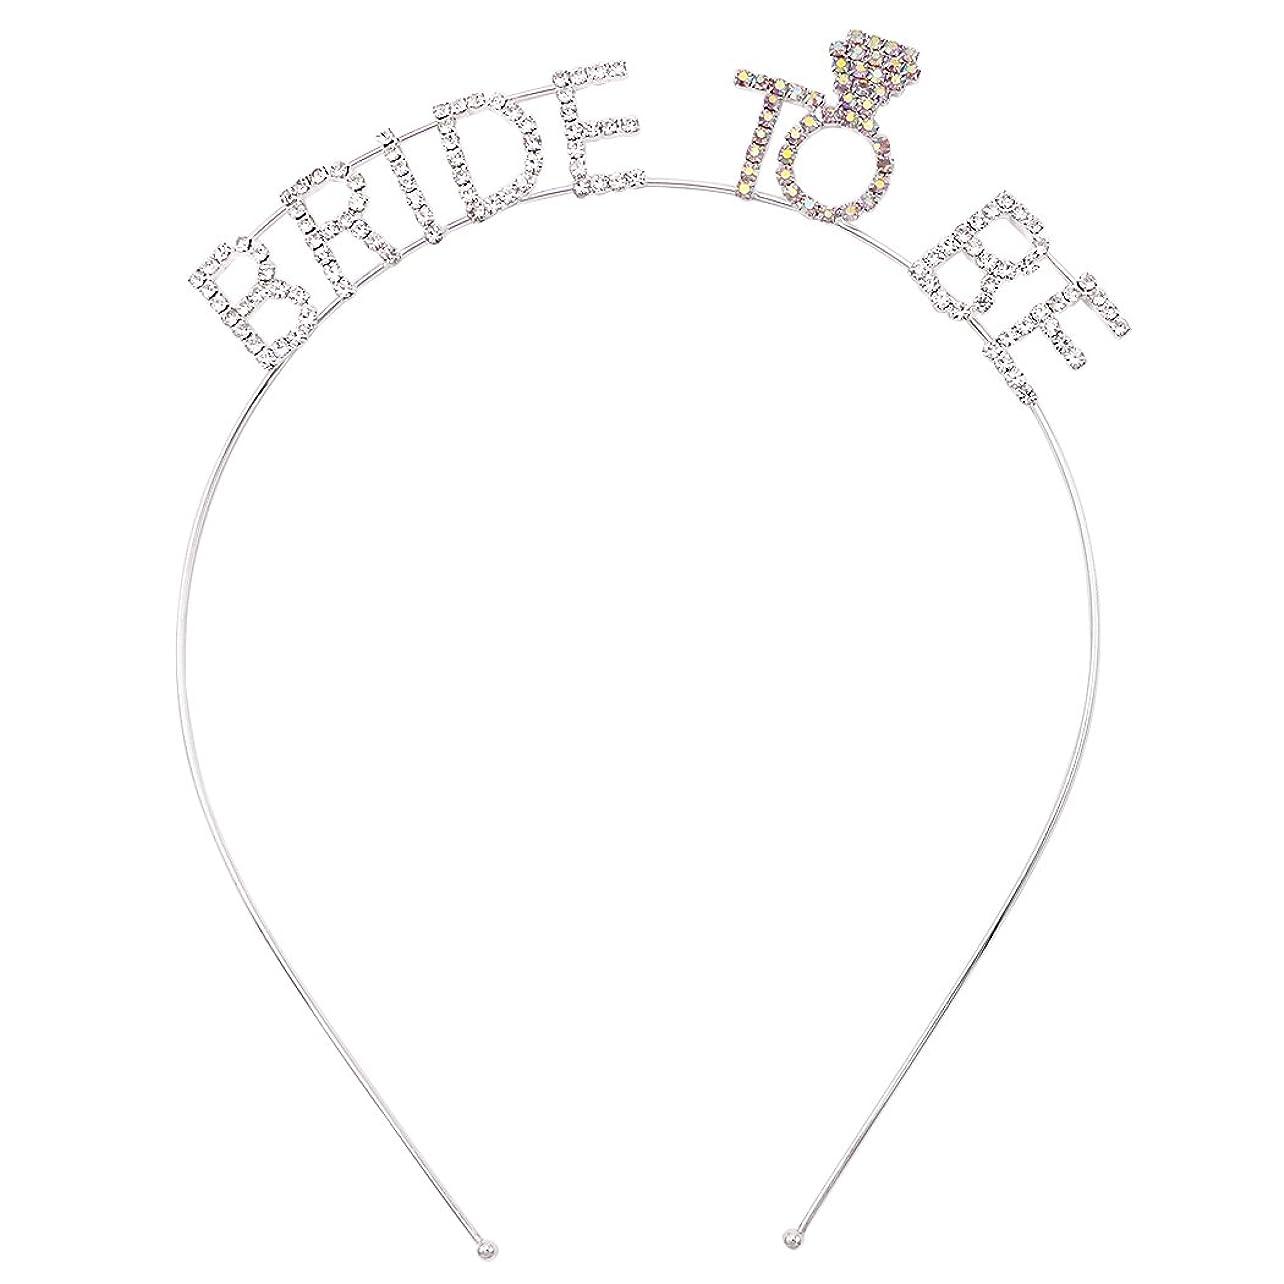 囲まれたピストンしなやかなRosemarie Collections レディース Bride to Be 独身最後のパーティー ティアラ ヘッドバンド